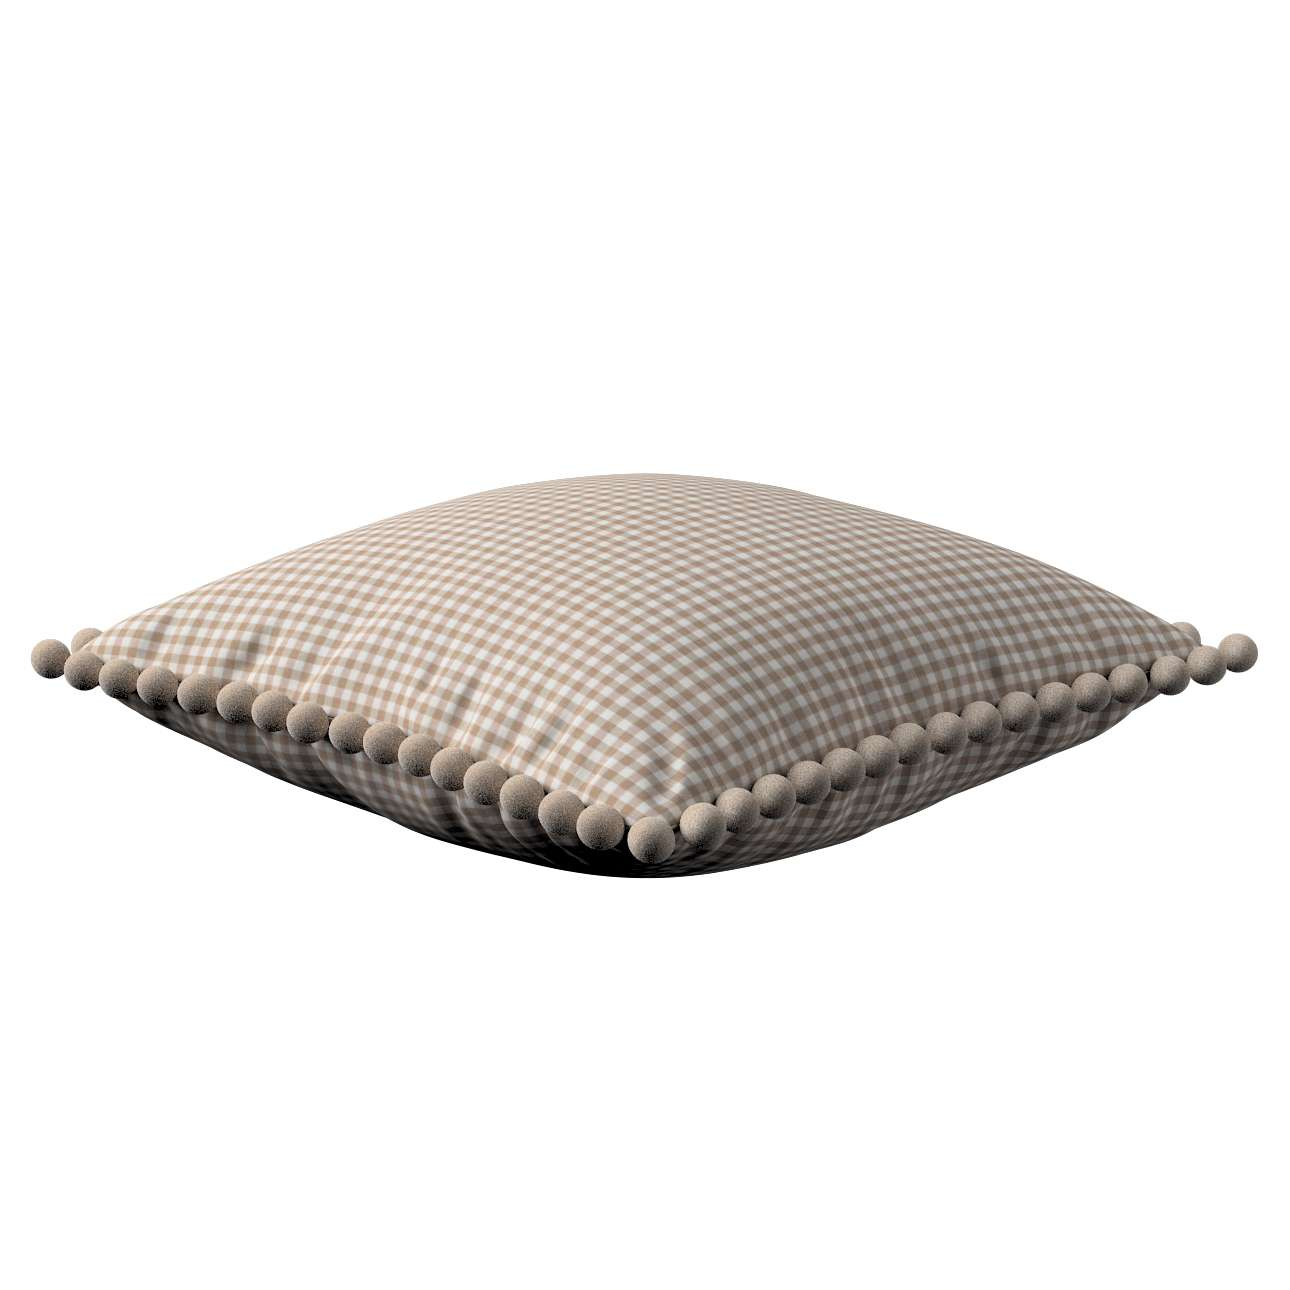 Poszewka Wera na poduszkę 45 x 45 cm w kolekcji Quadro, tkanina: 136-05